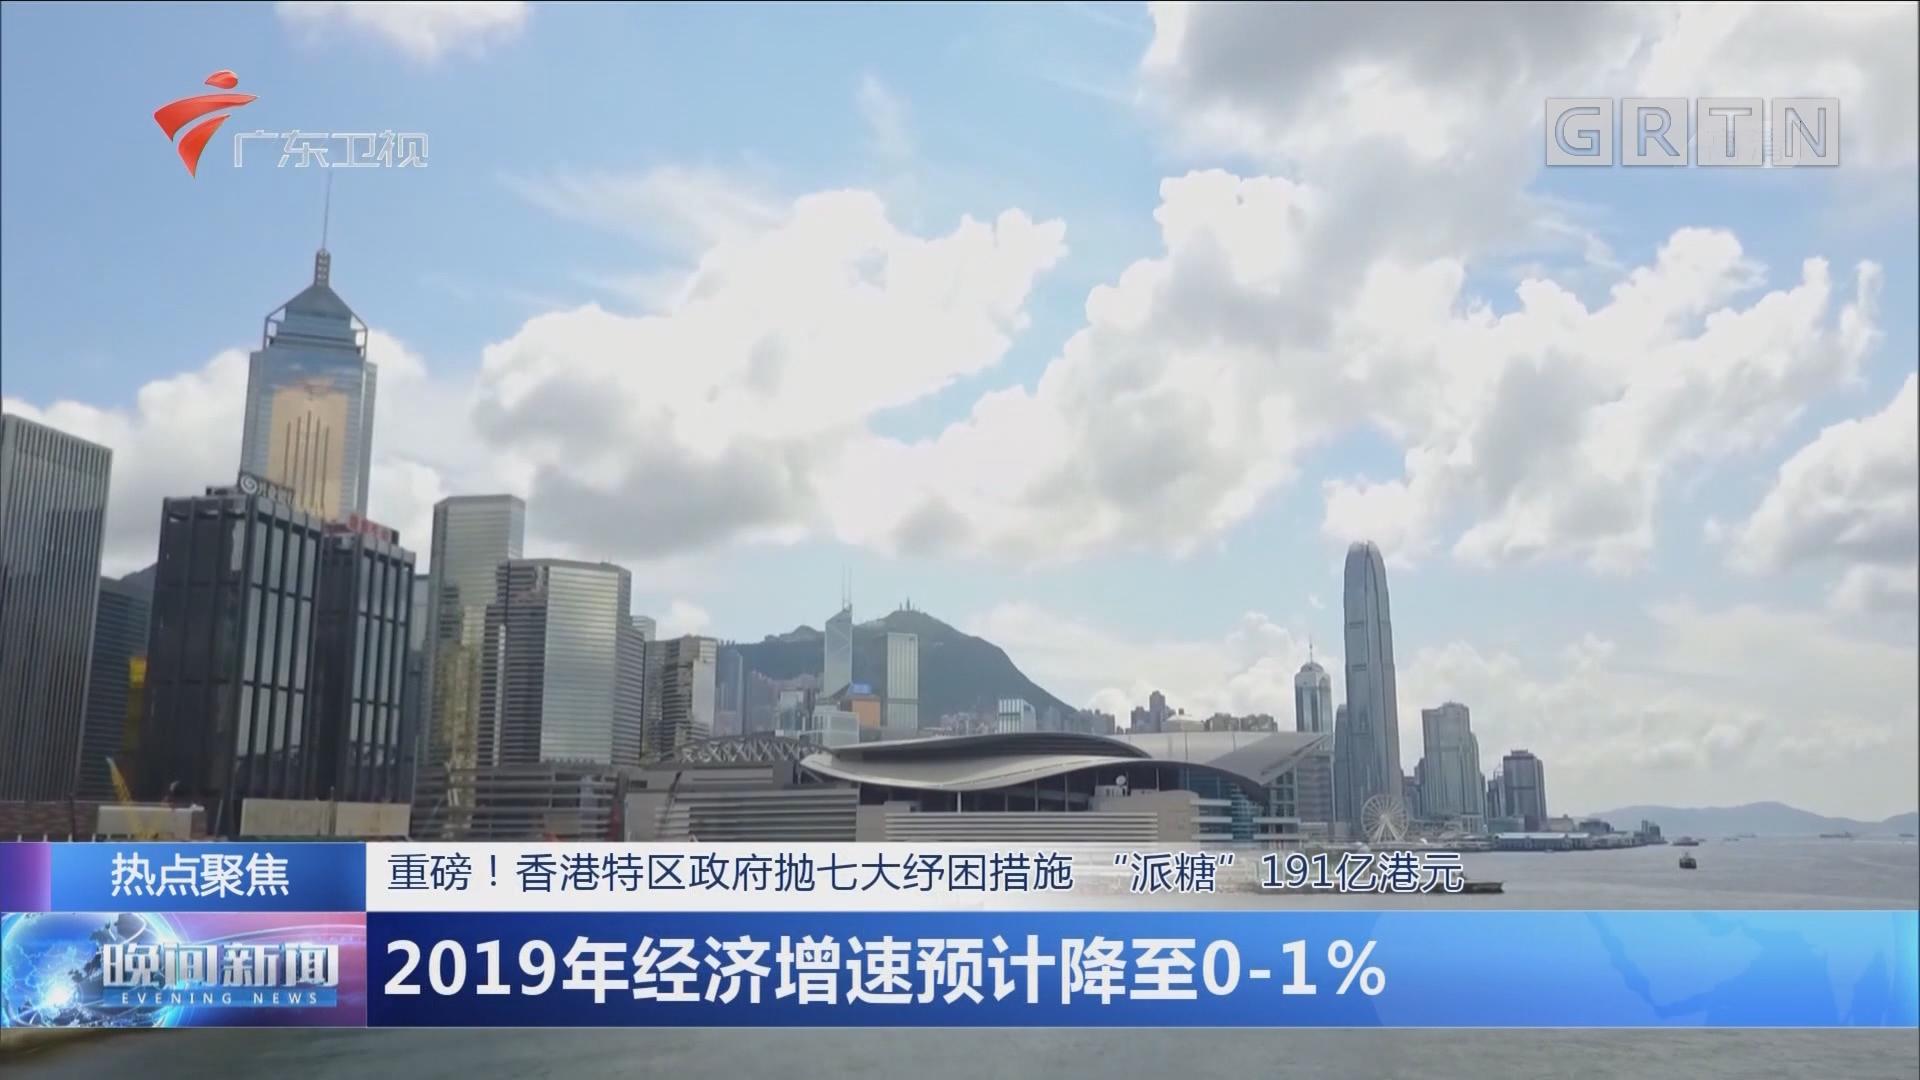 """重磅!香港特区政府抛七大纾困措施 """"派糖""""191亿港元 2019年经济增速预计降至0-1%"""